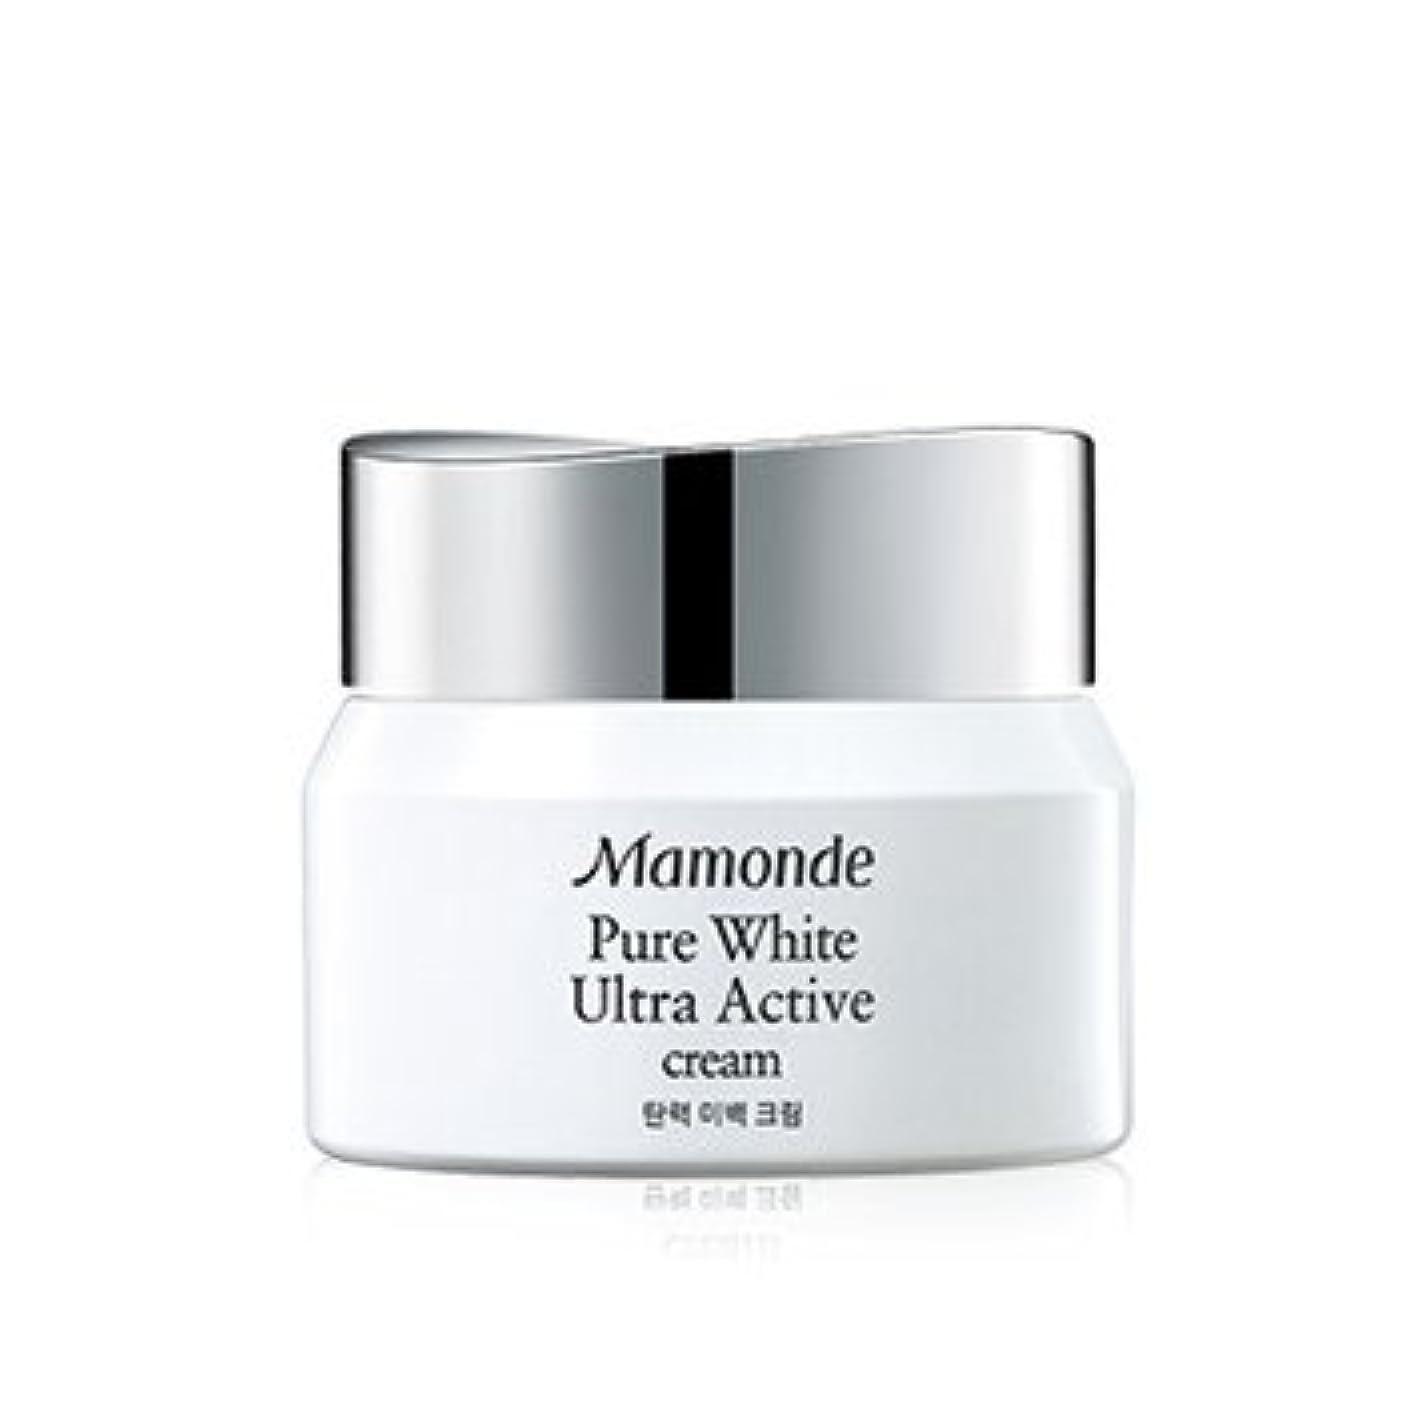 原告義務的然としたMamonde Pure White Ultra Active Cream 50ml/マモンド ピュア ホワイト ウルトラ アクティブ クリーム 50ml [並行輸入品]